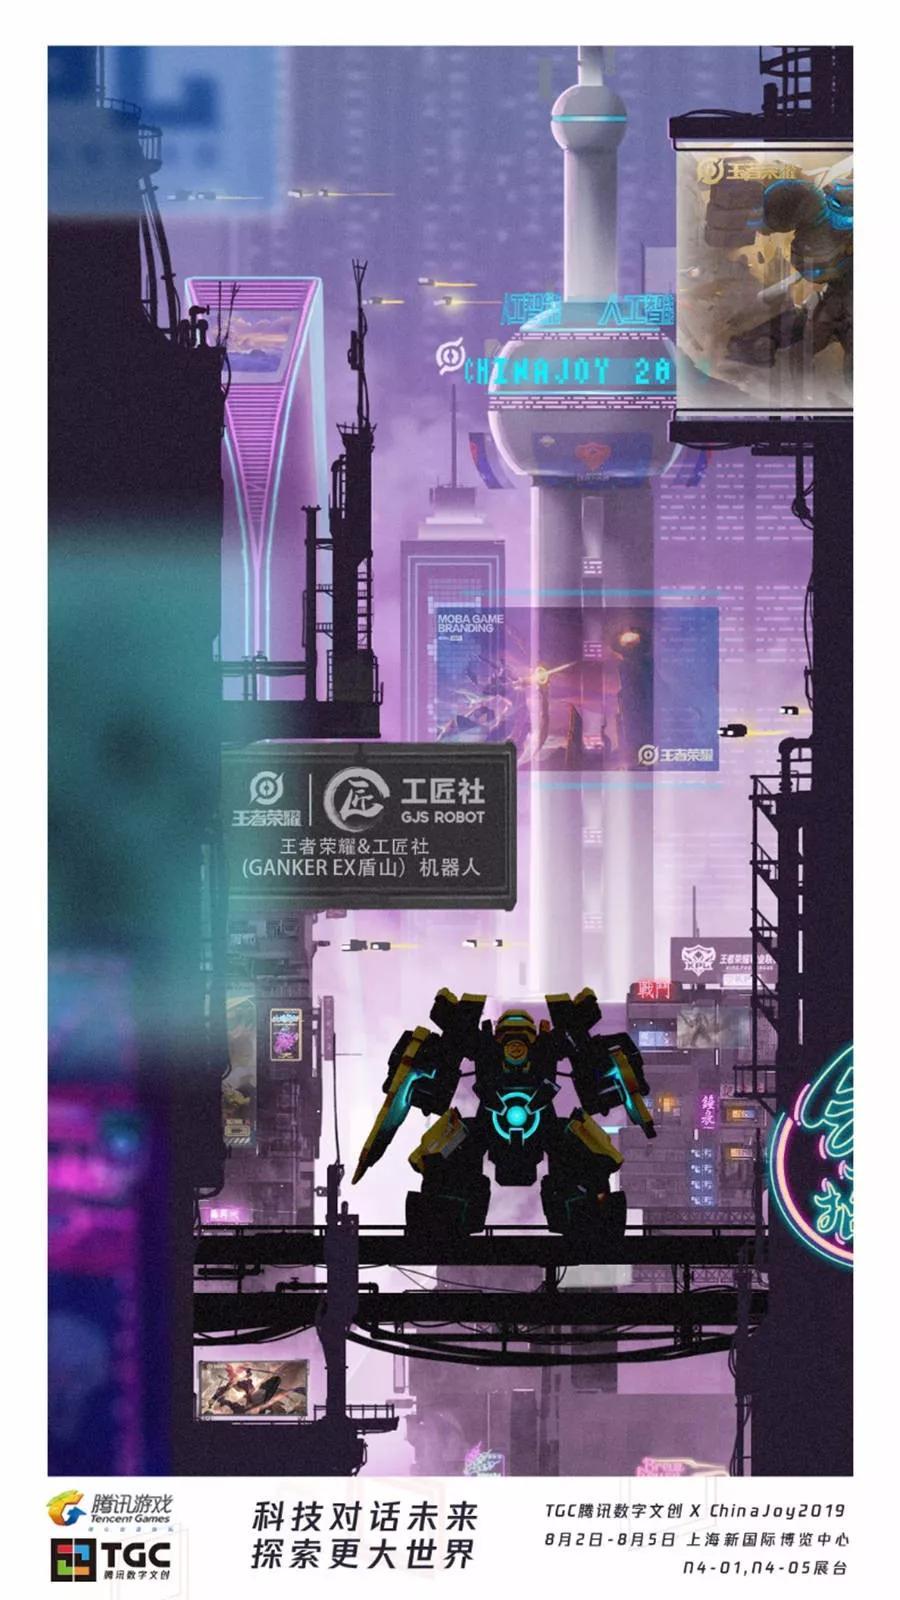 工匠社联手王者荣耀打造盾山机器人,ChinaJoy首亮相